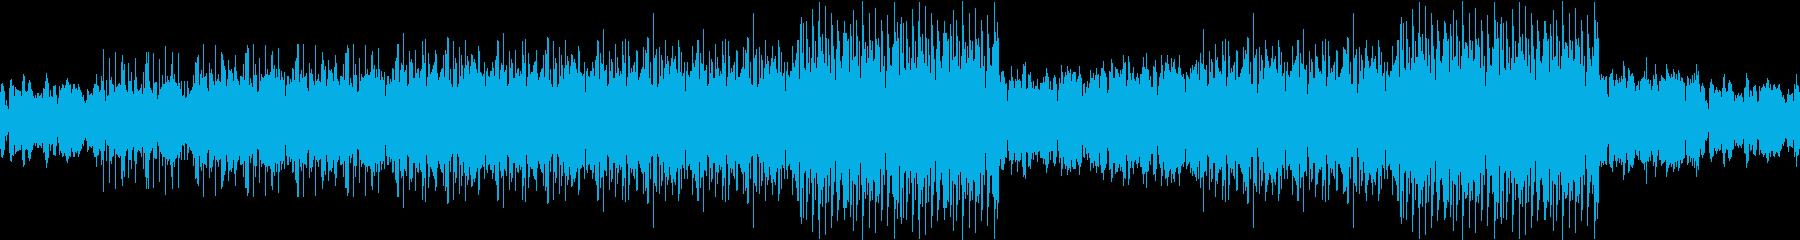 【ループ対応】未来的な雰囲気のBGMの再生済みの波形